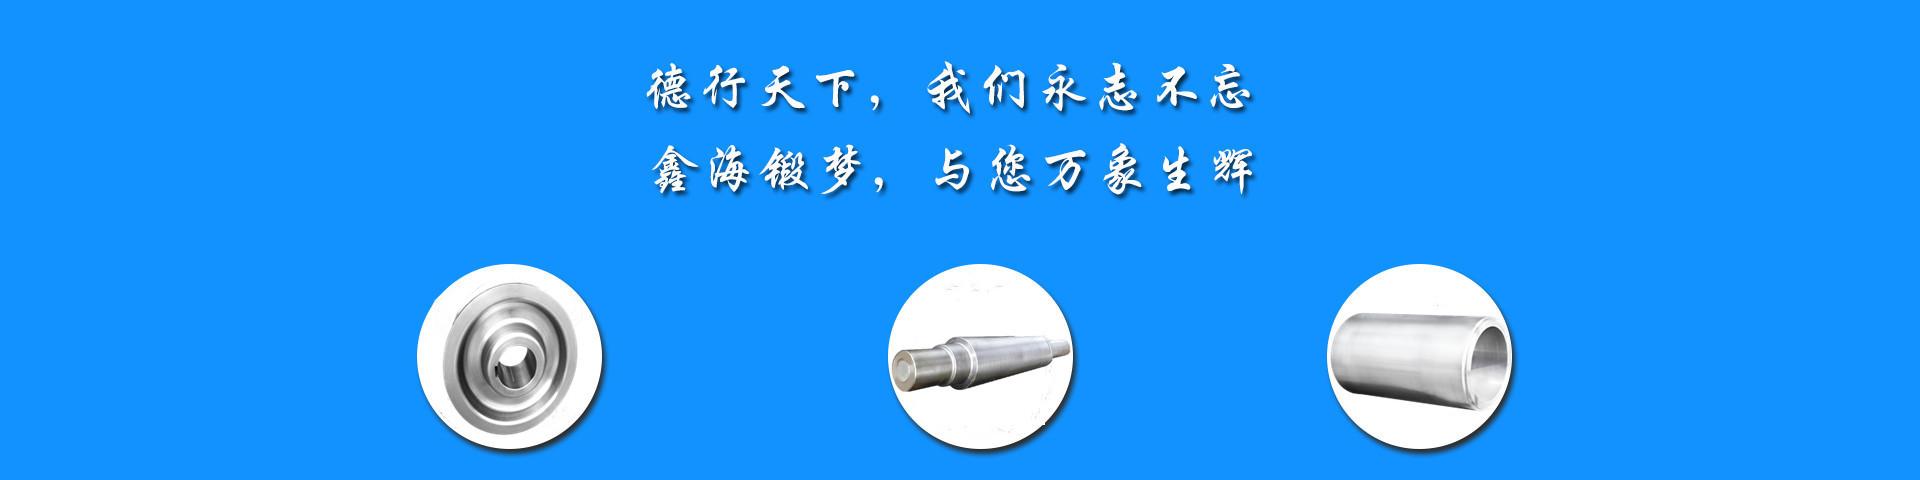 山西永鑫生nba直播比赛转播网站厂